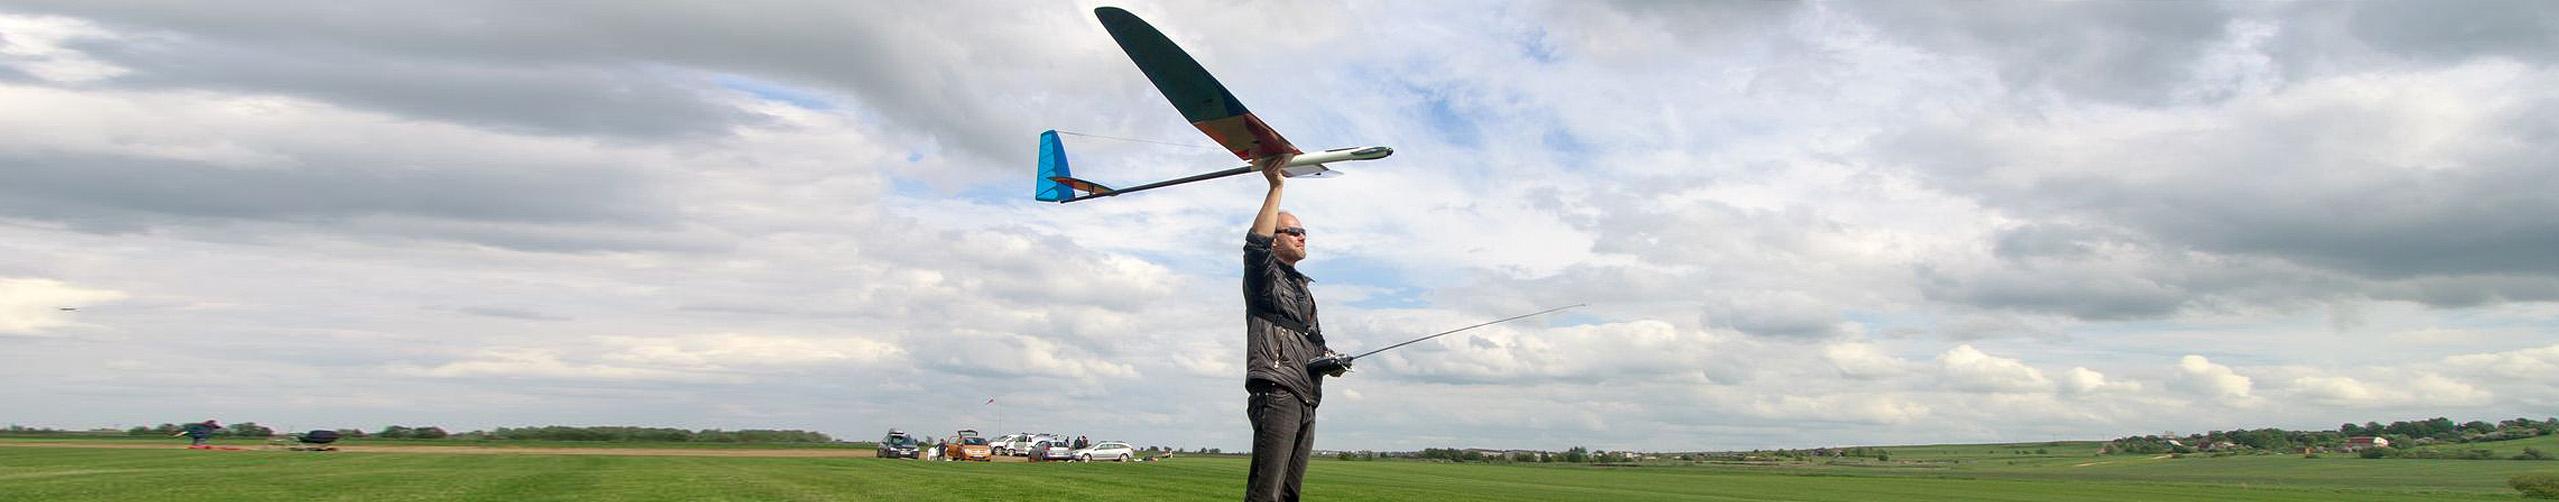 גבר מטיס טיסן דאון חשמלי